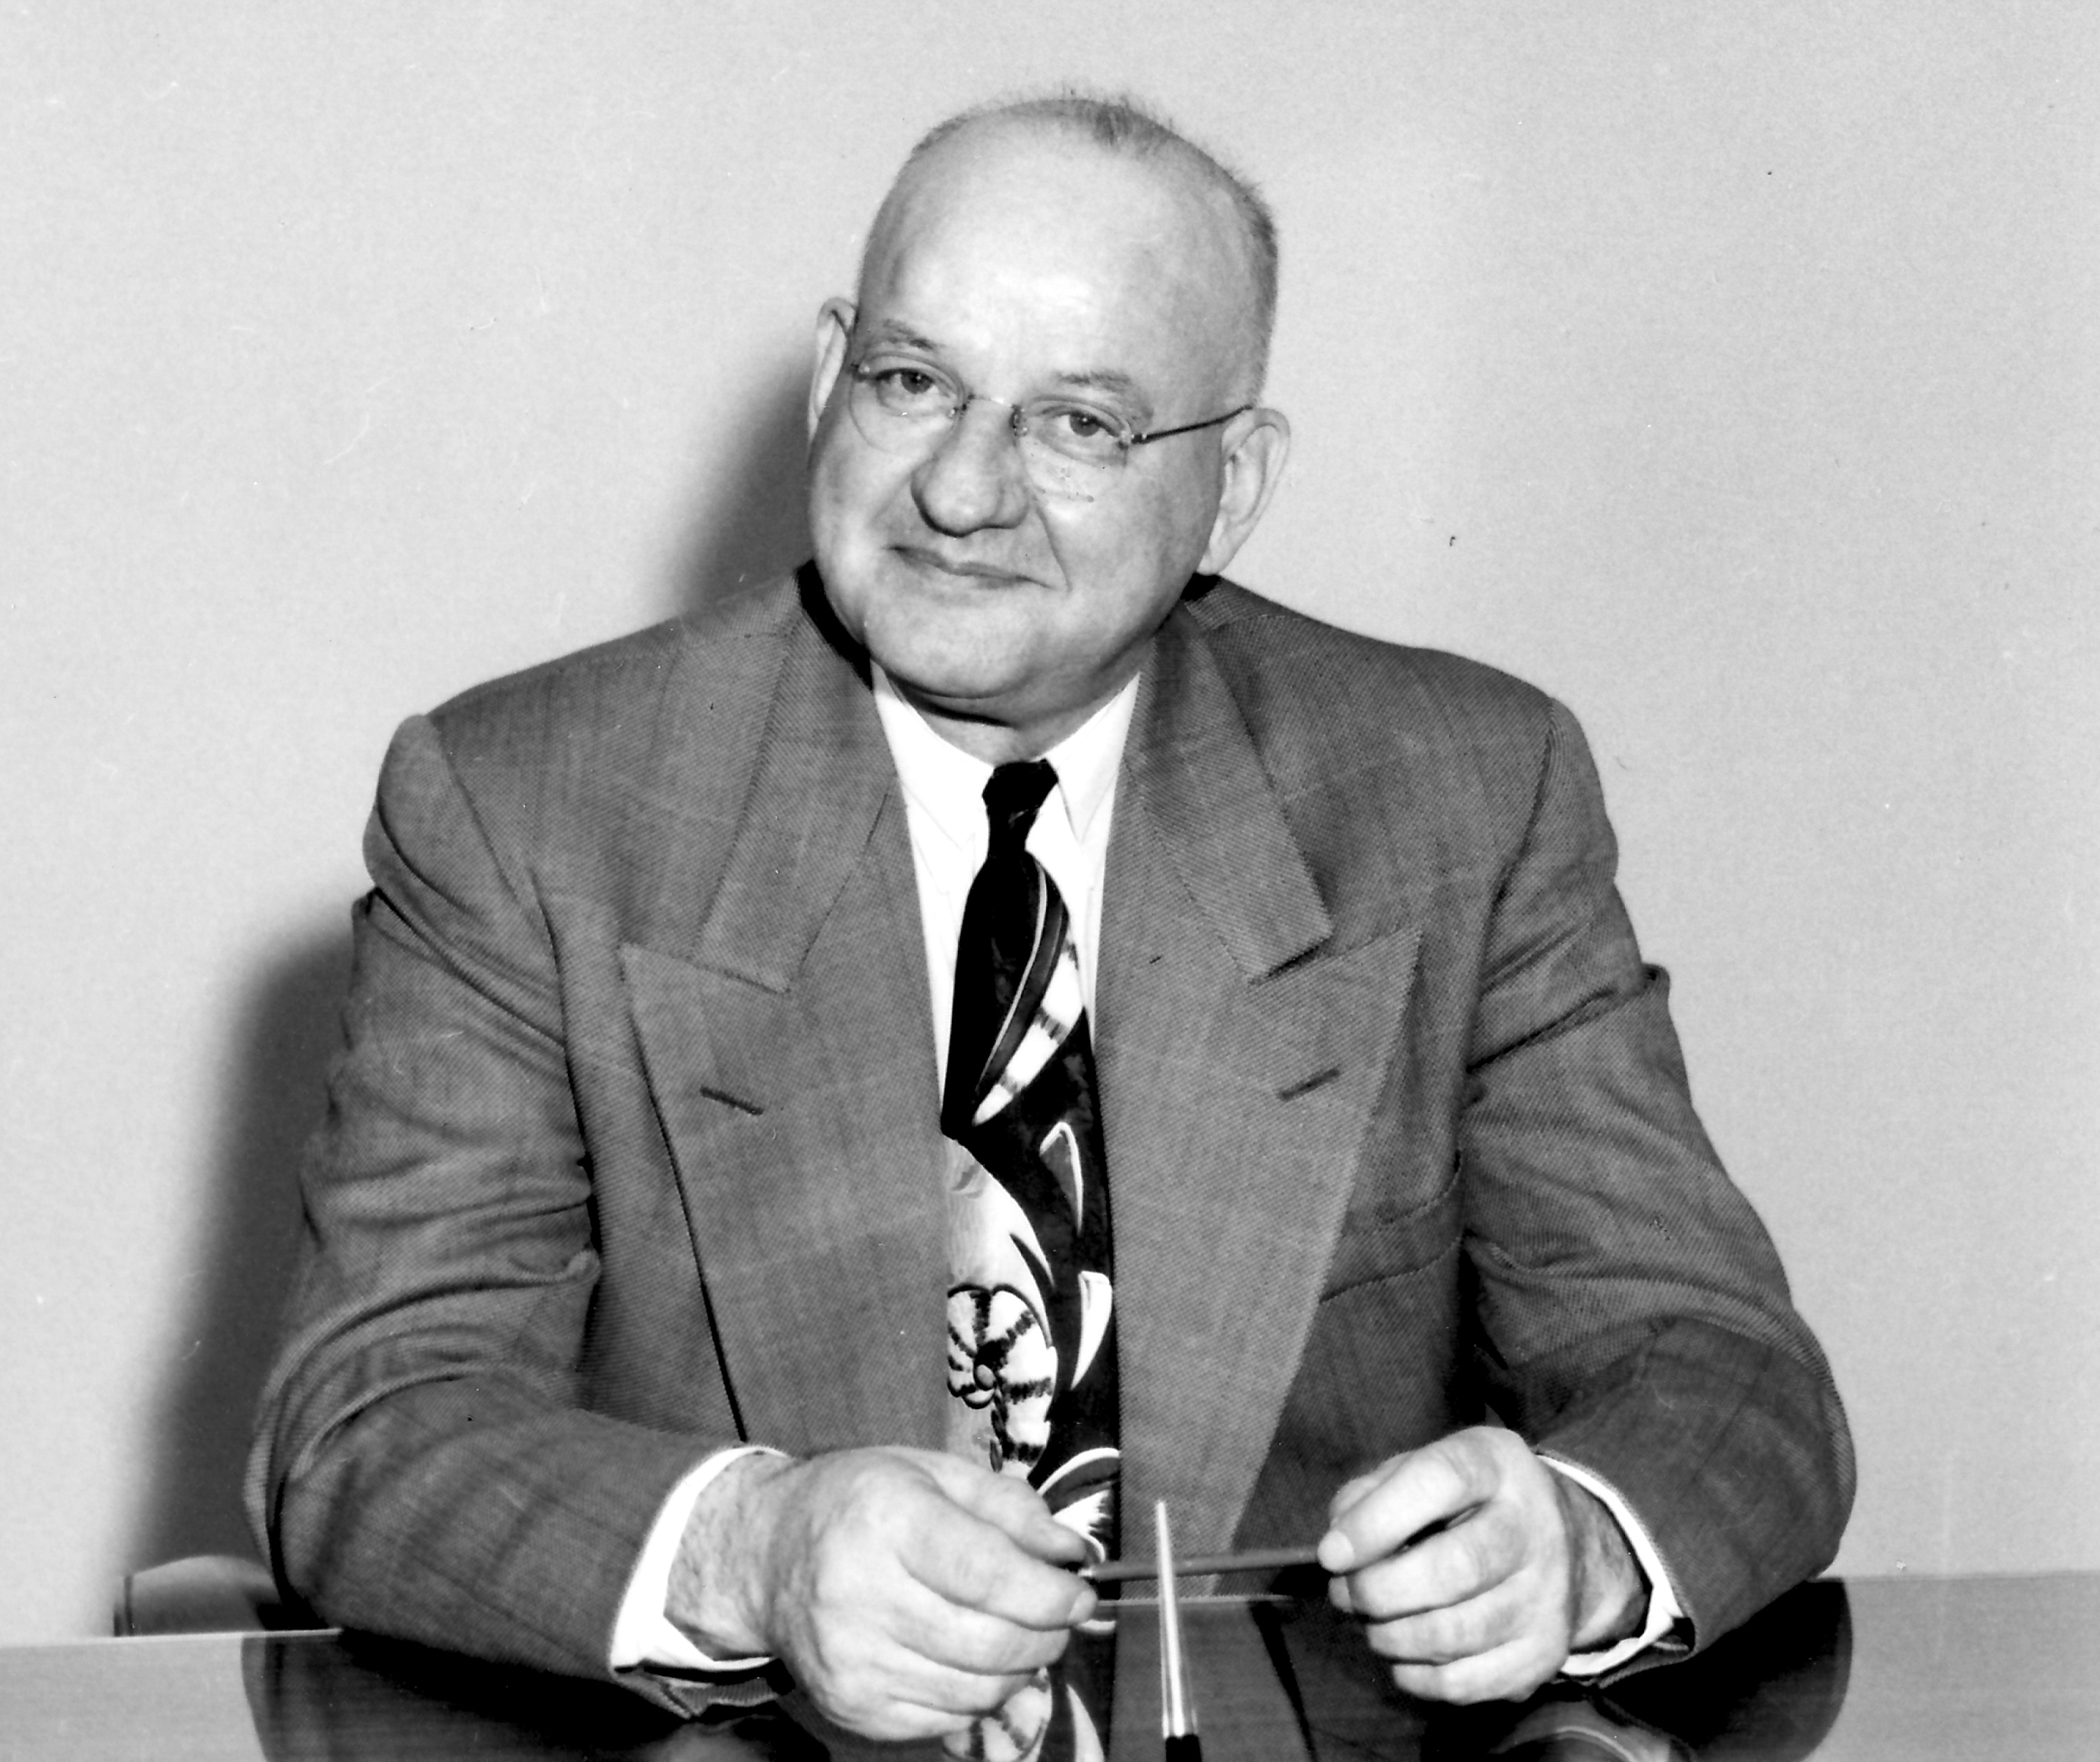 Harold J Dockstader